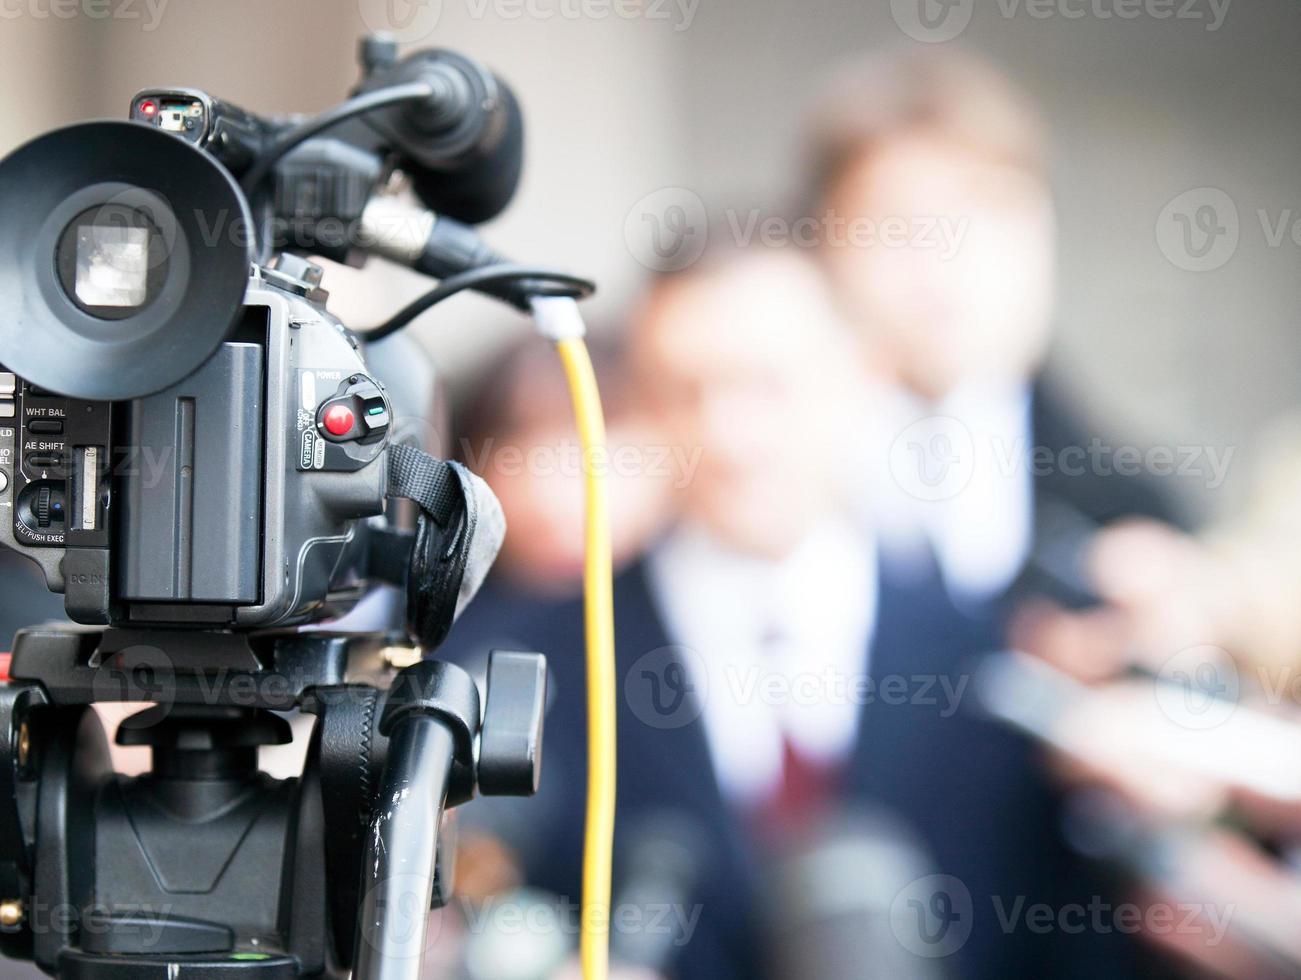 persconferentie voor evenement met camera foto